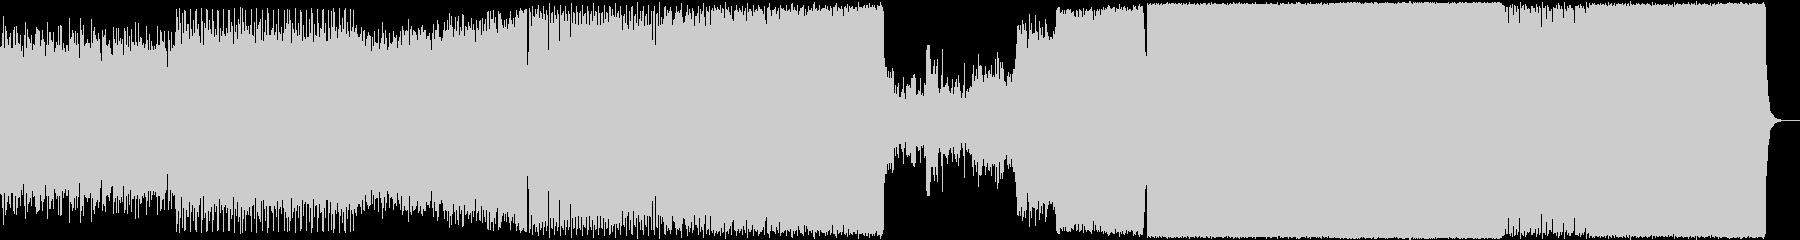 デジタル、CG、SFX等の映像フルverの未再生の波形